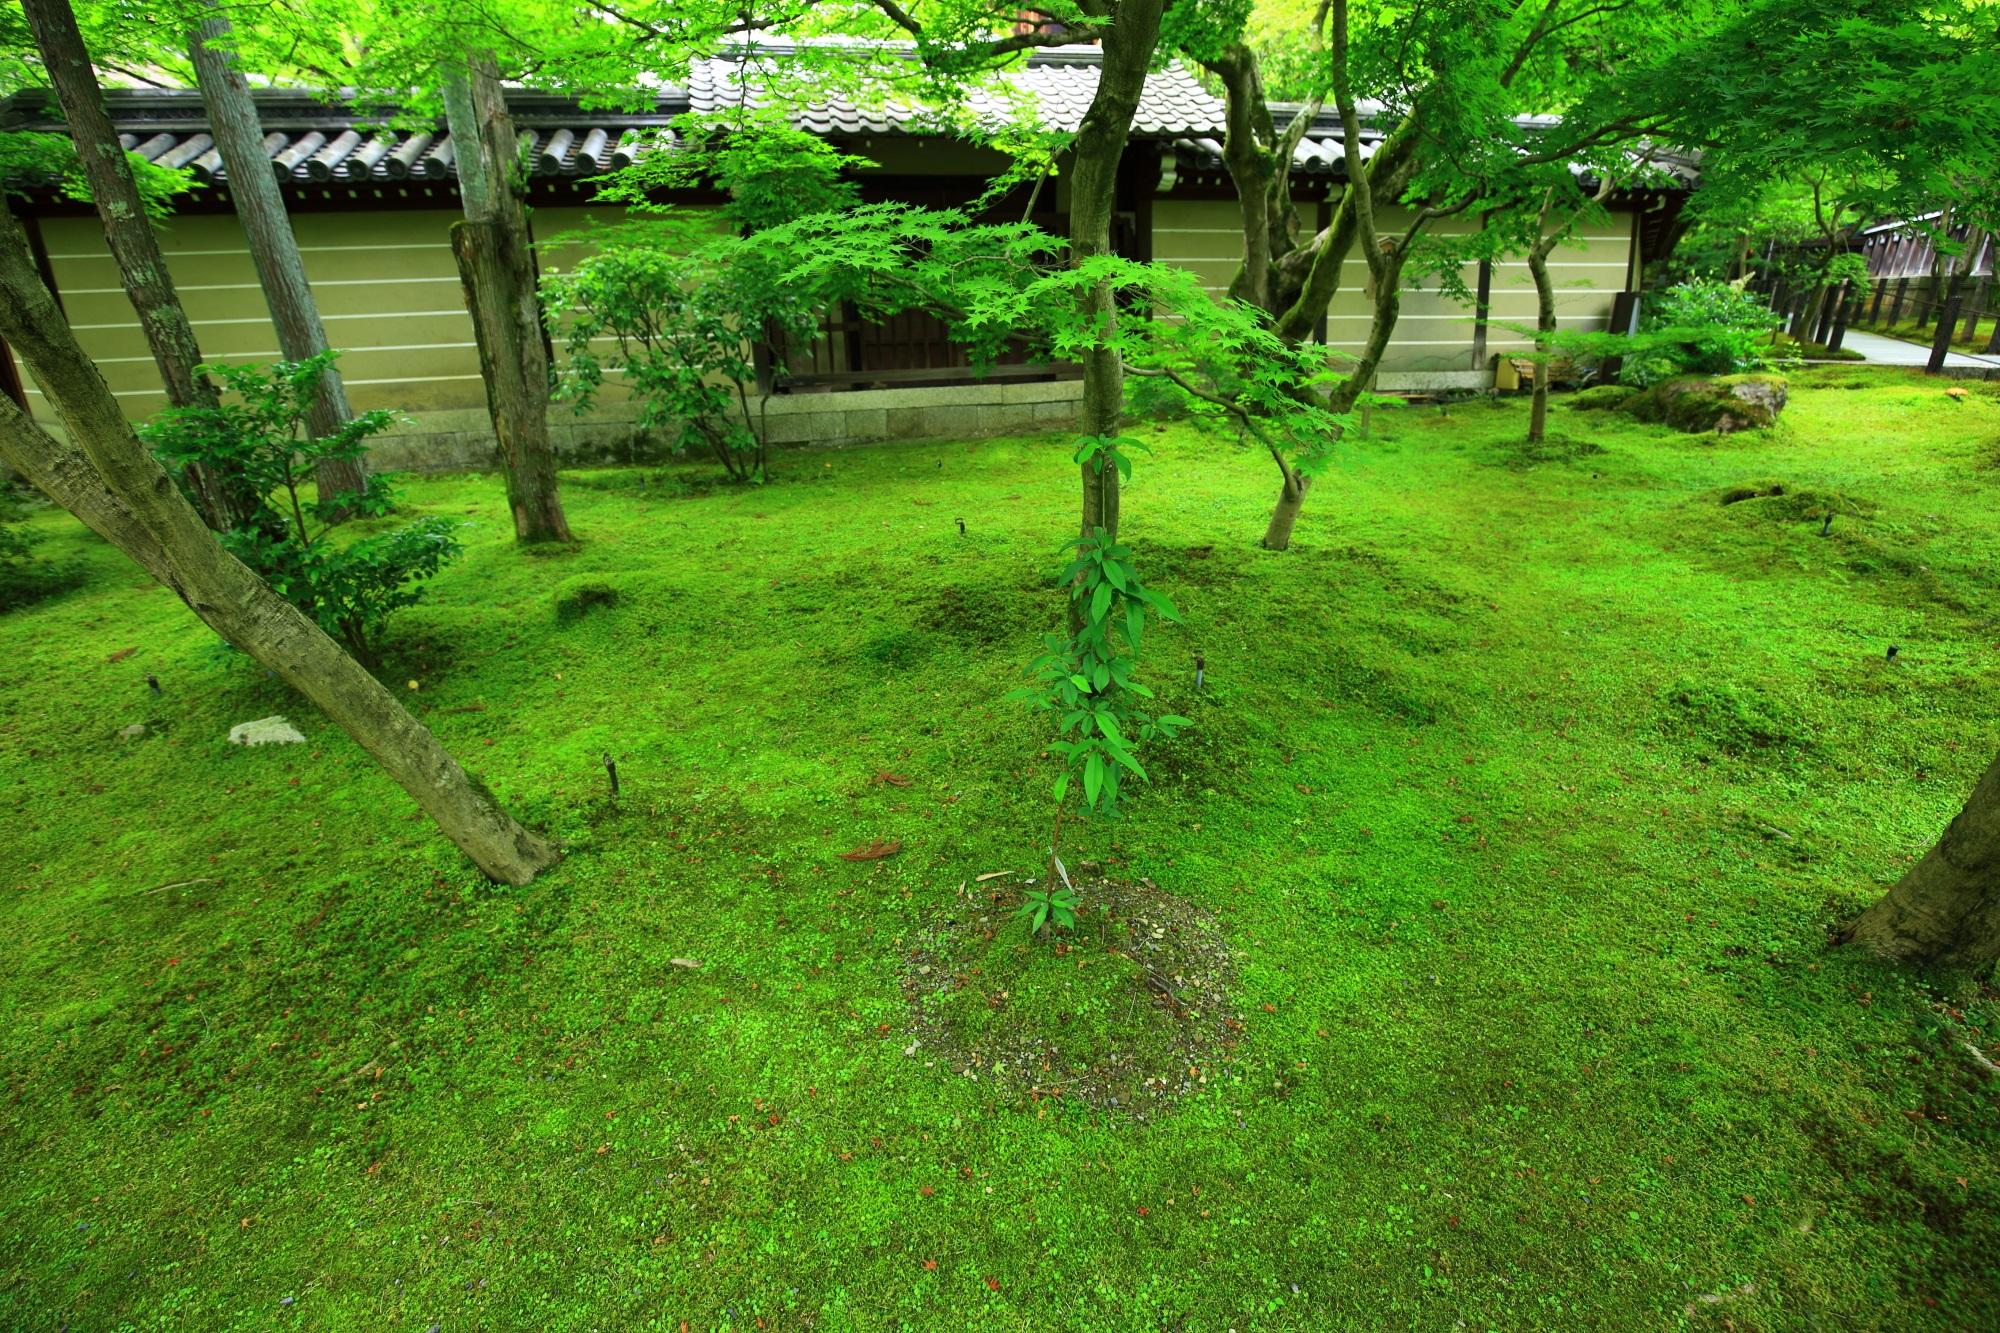 もみじの名所の永観堂の鮮やかな緑の苔